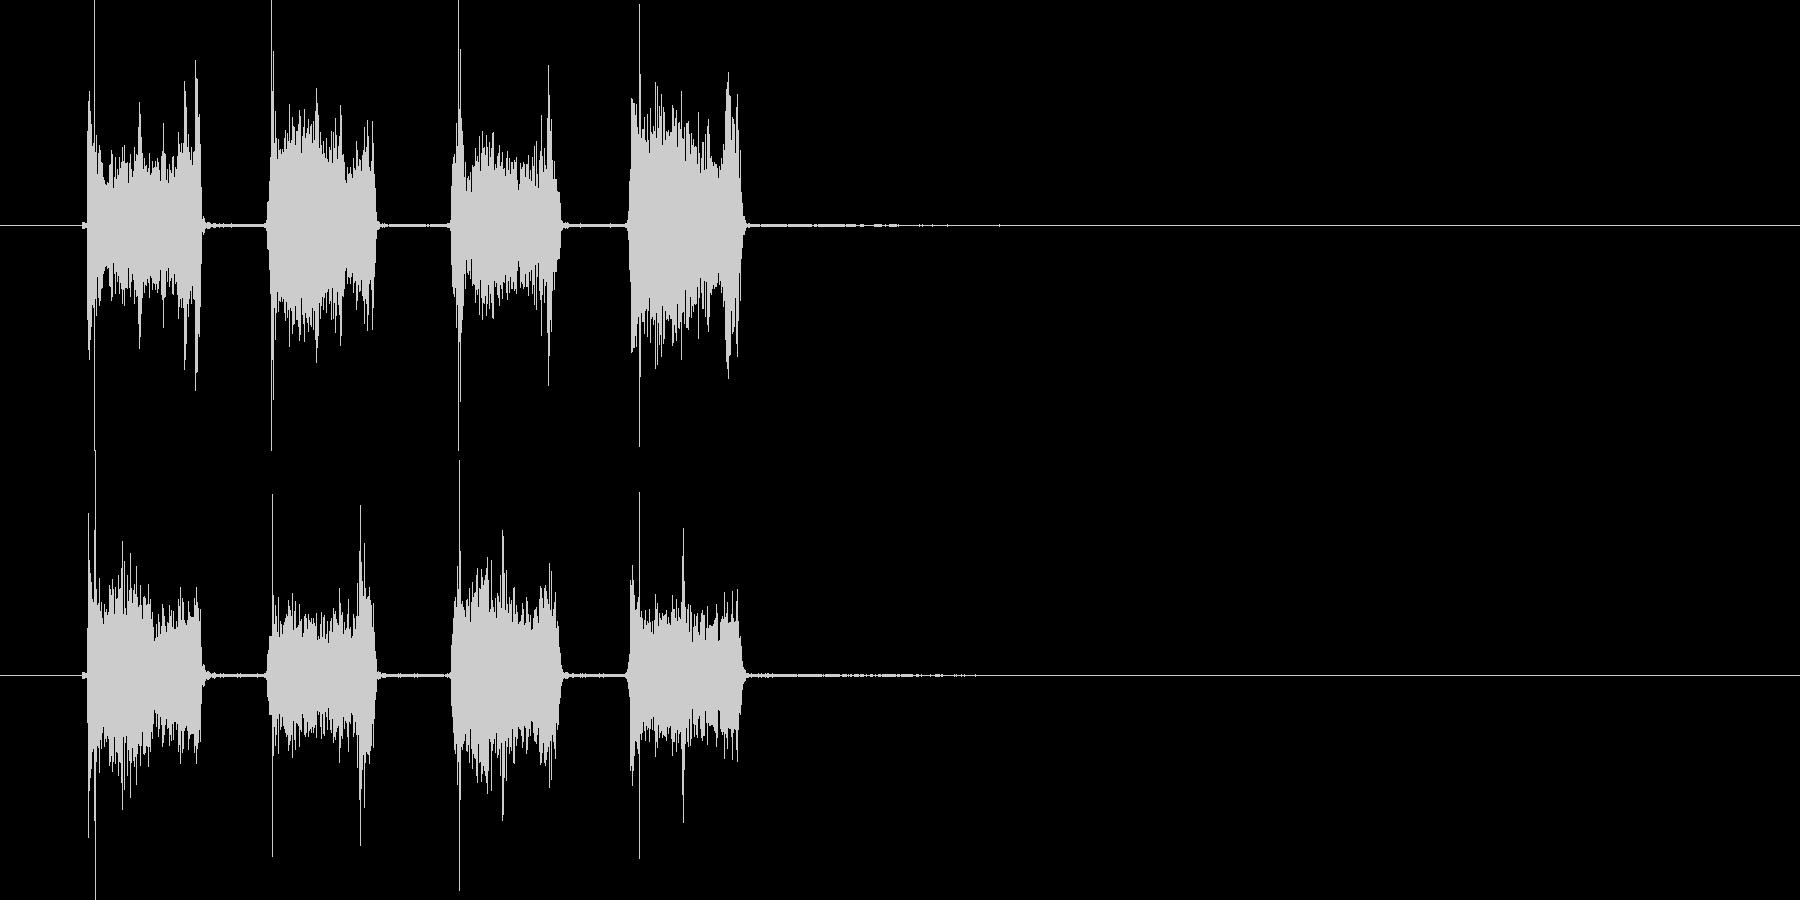 タッタッタッタッ(音が上がる効果音)の未再生の波形